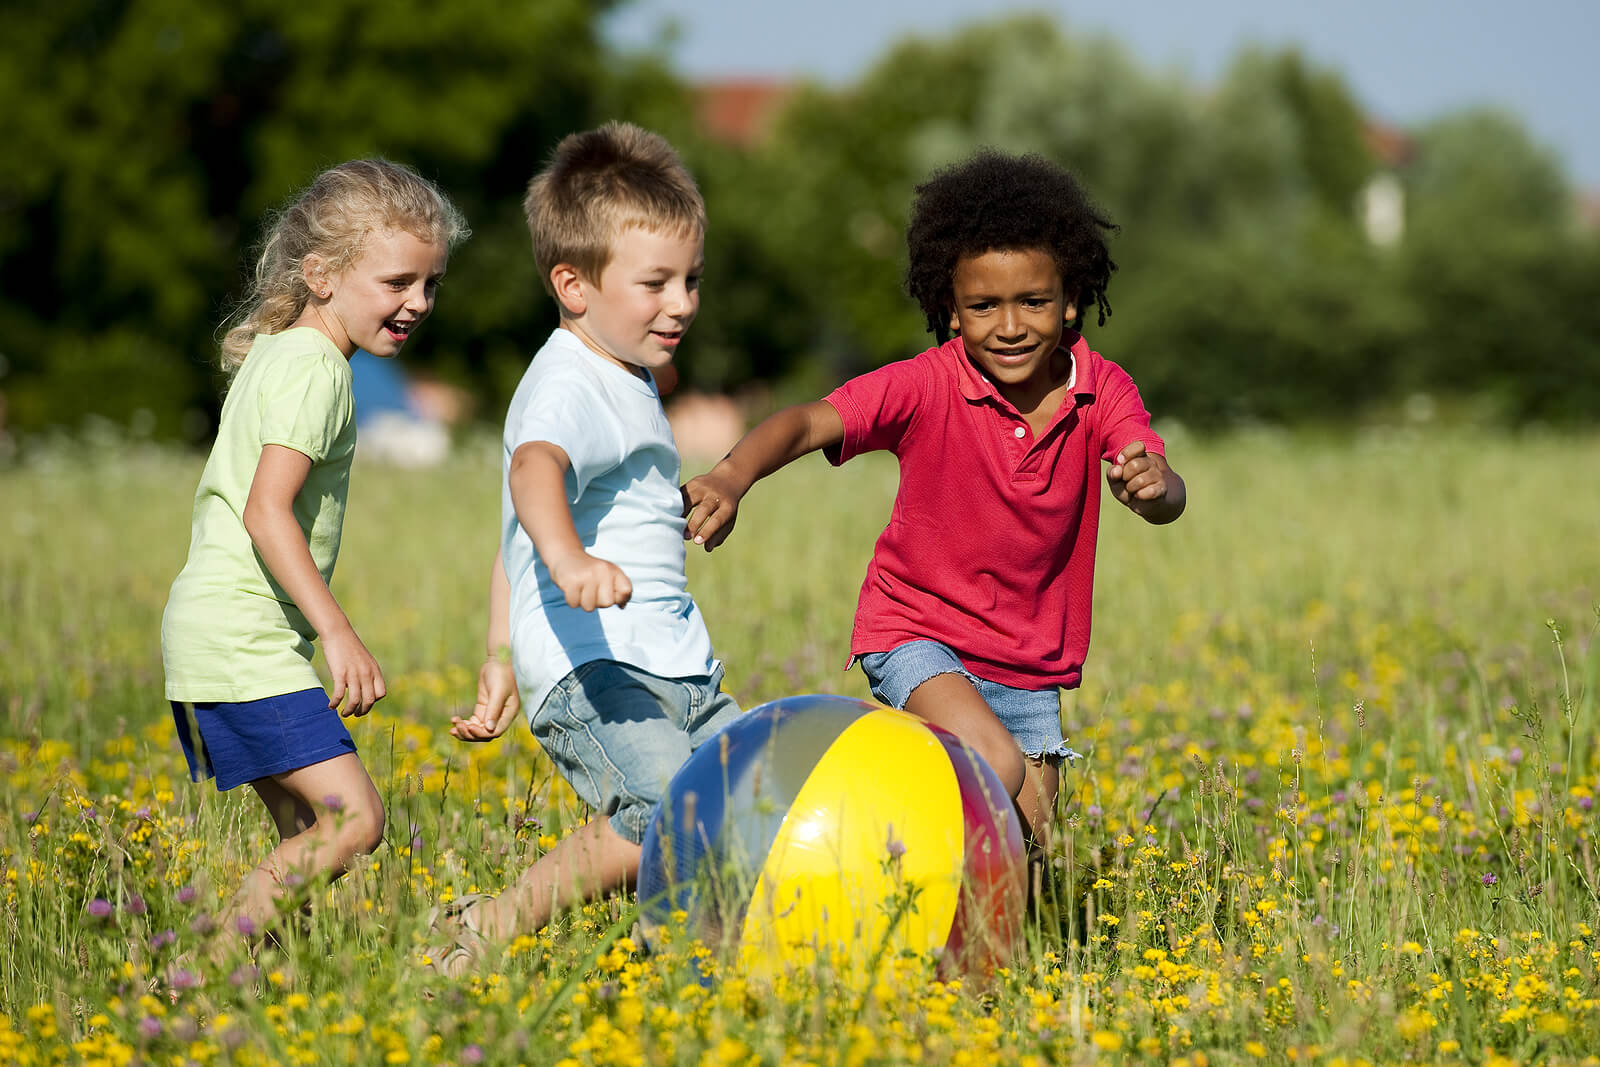 Niños jugando con la pelota al aire libre en verano.